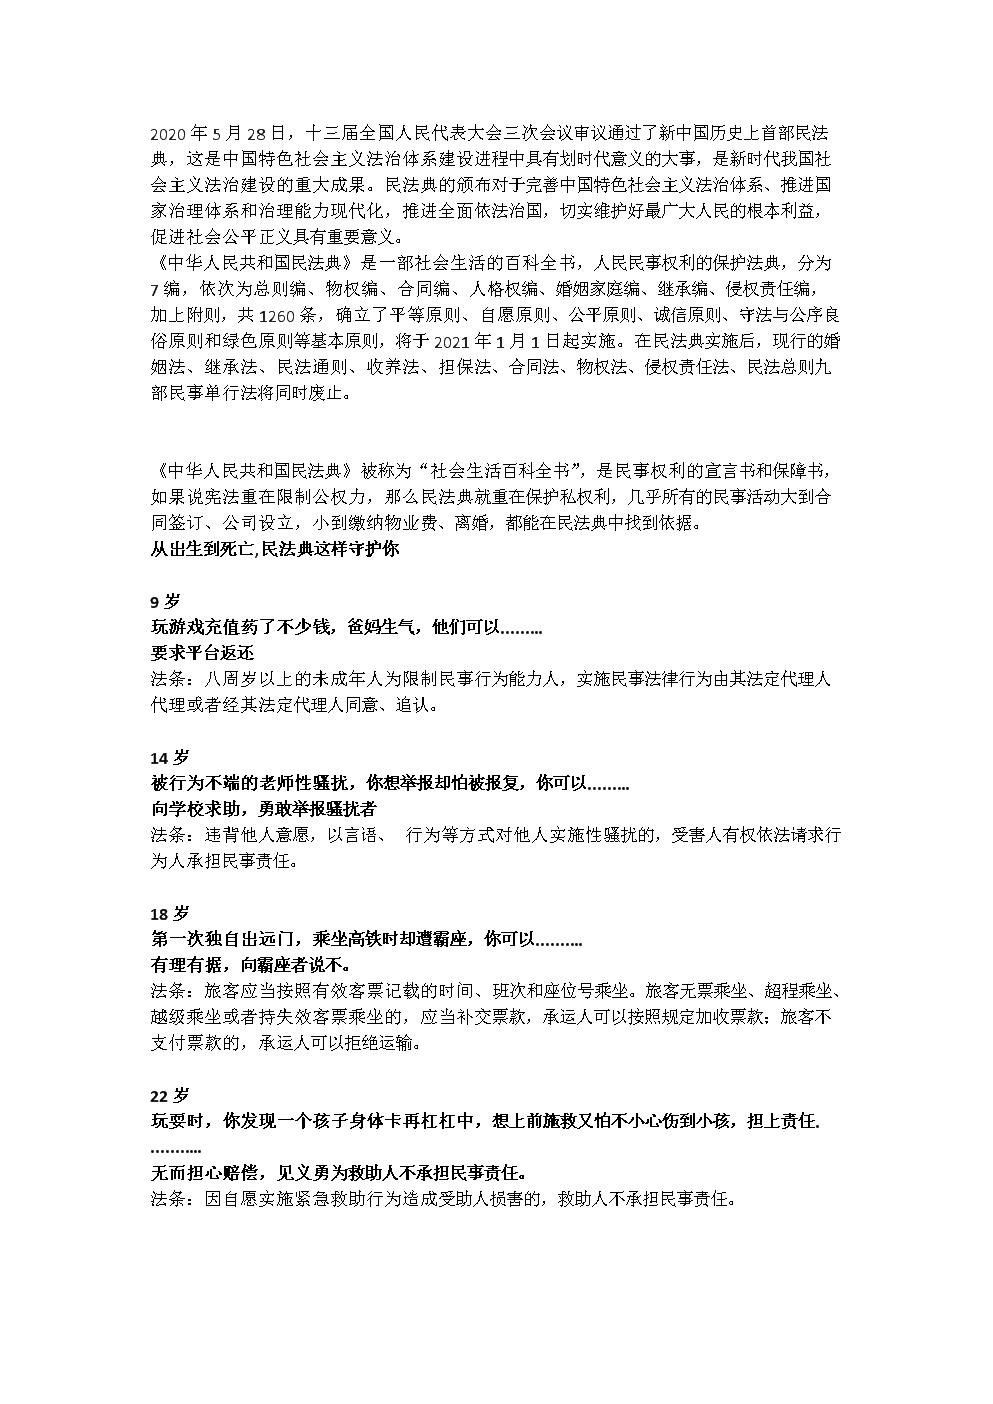 民法典案例解析学习演讲稿下载.docx